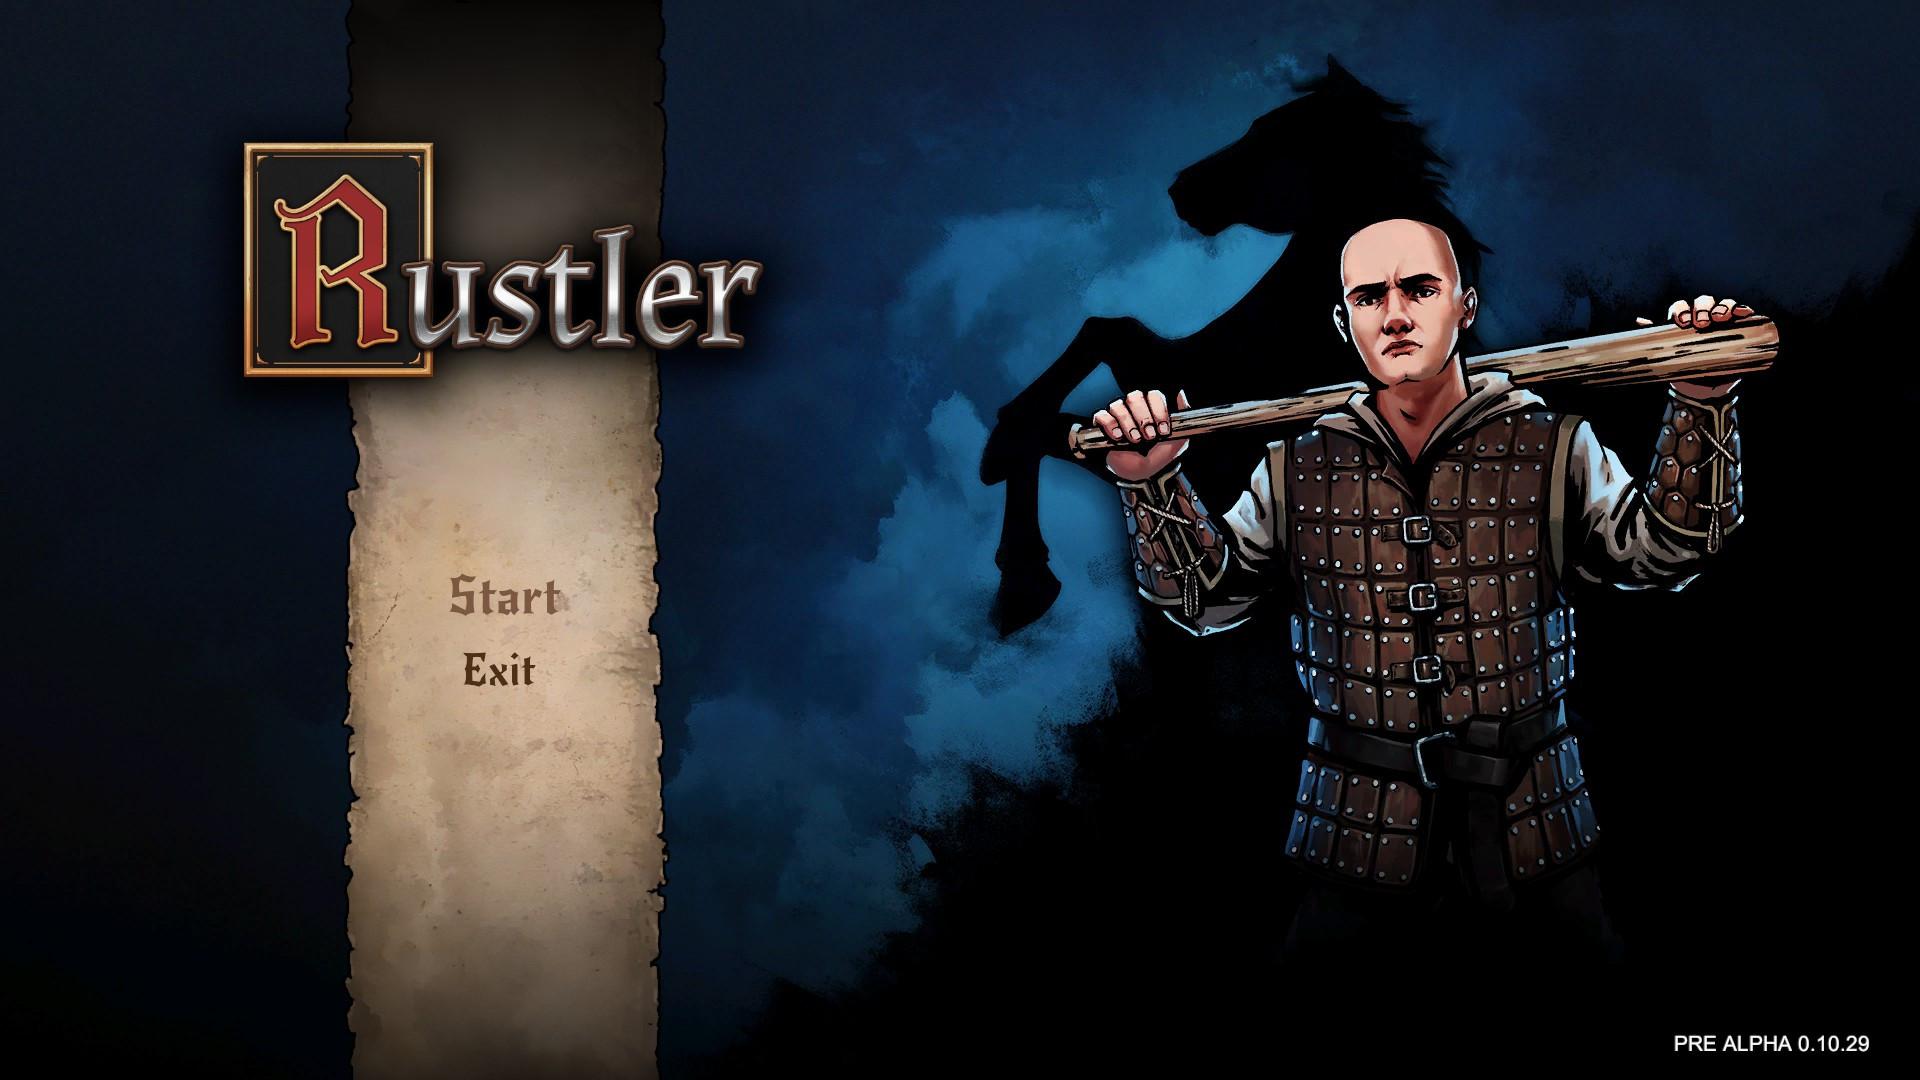 Дату релиза средневековой GTA Rustler назвали в «живом» трейлере